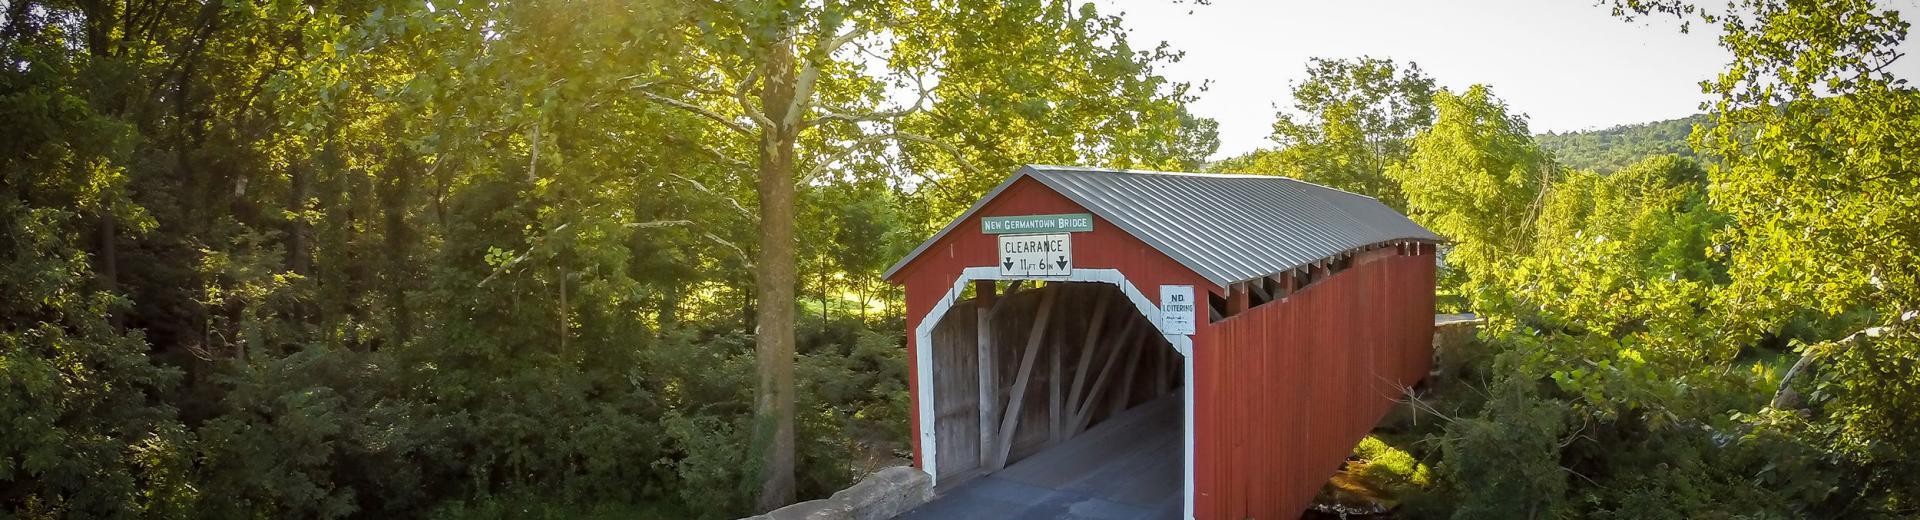 Hershey covered bridge